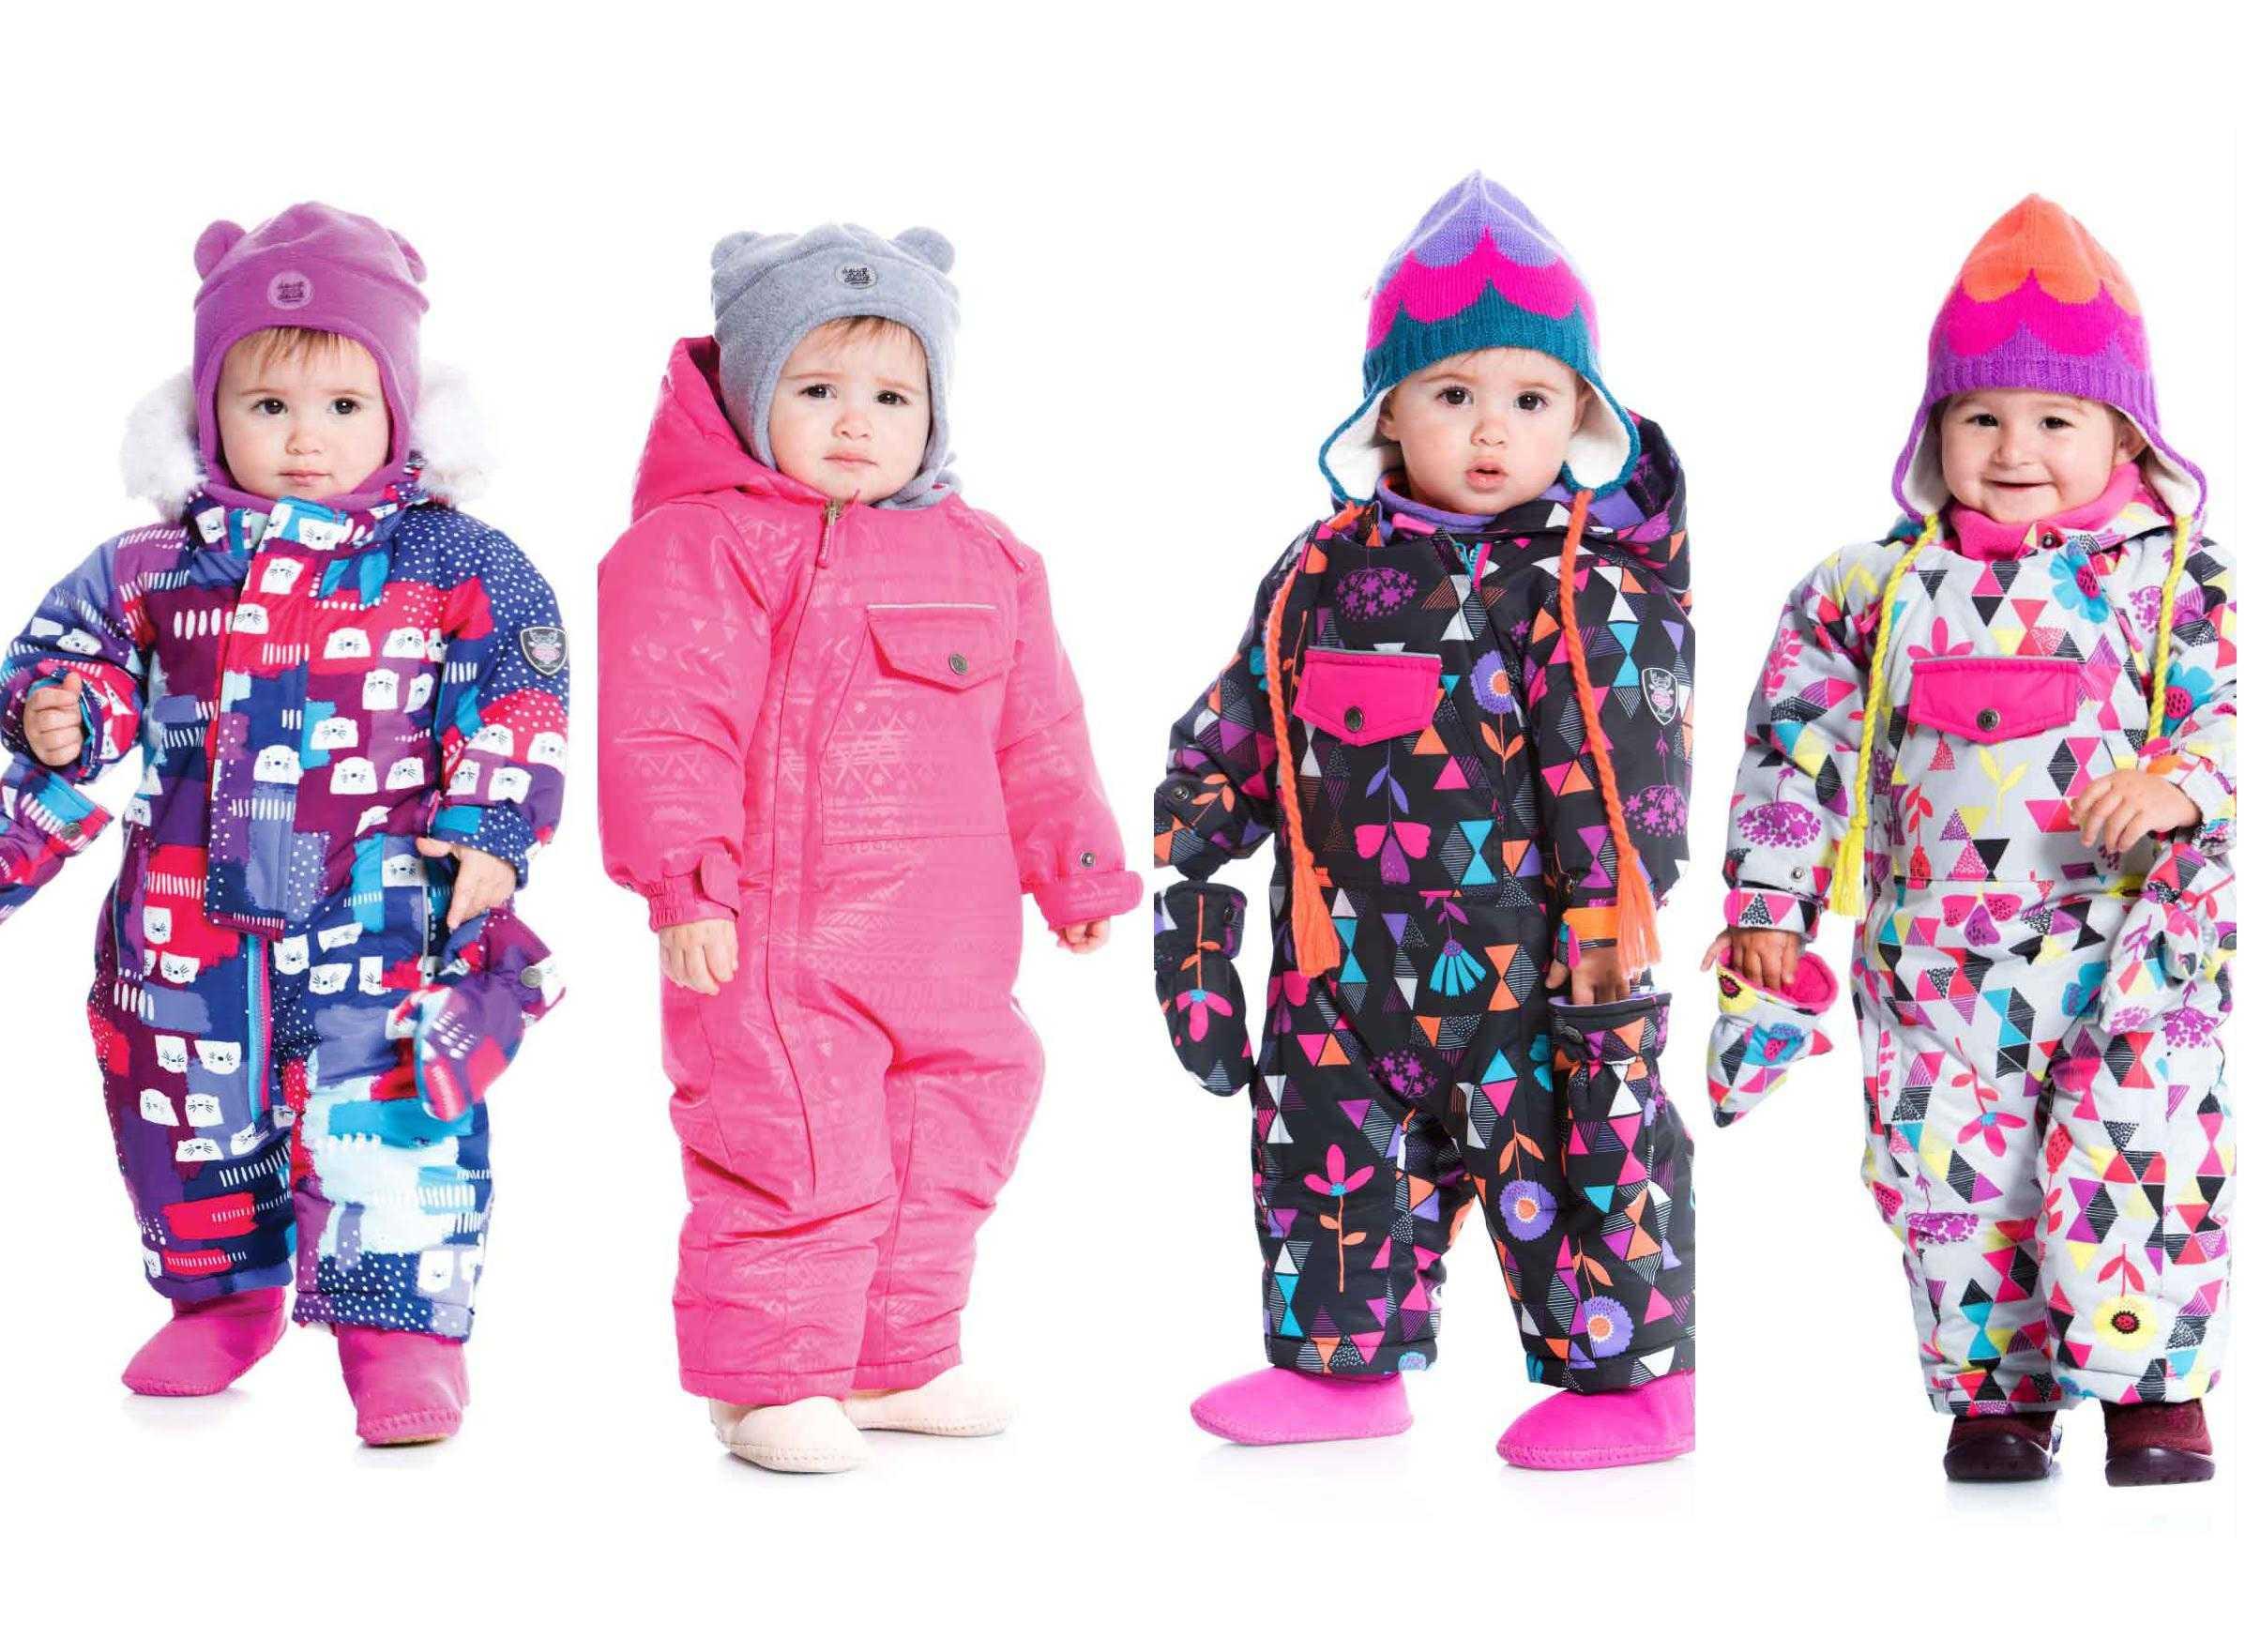 Как выбрать зимний комбинезон ребенку. какой подобрать детский комбинезон на зиму?